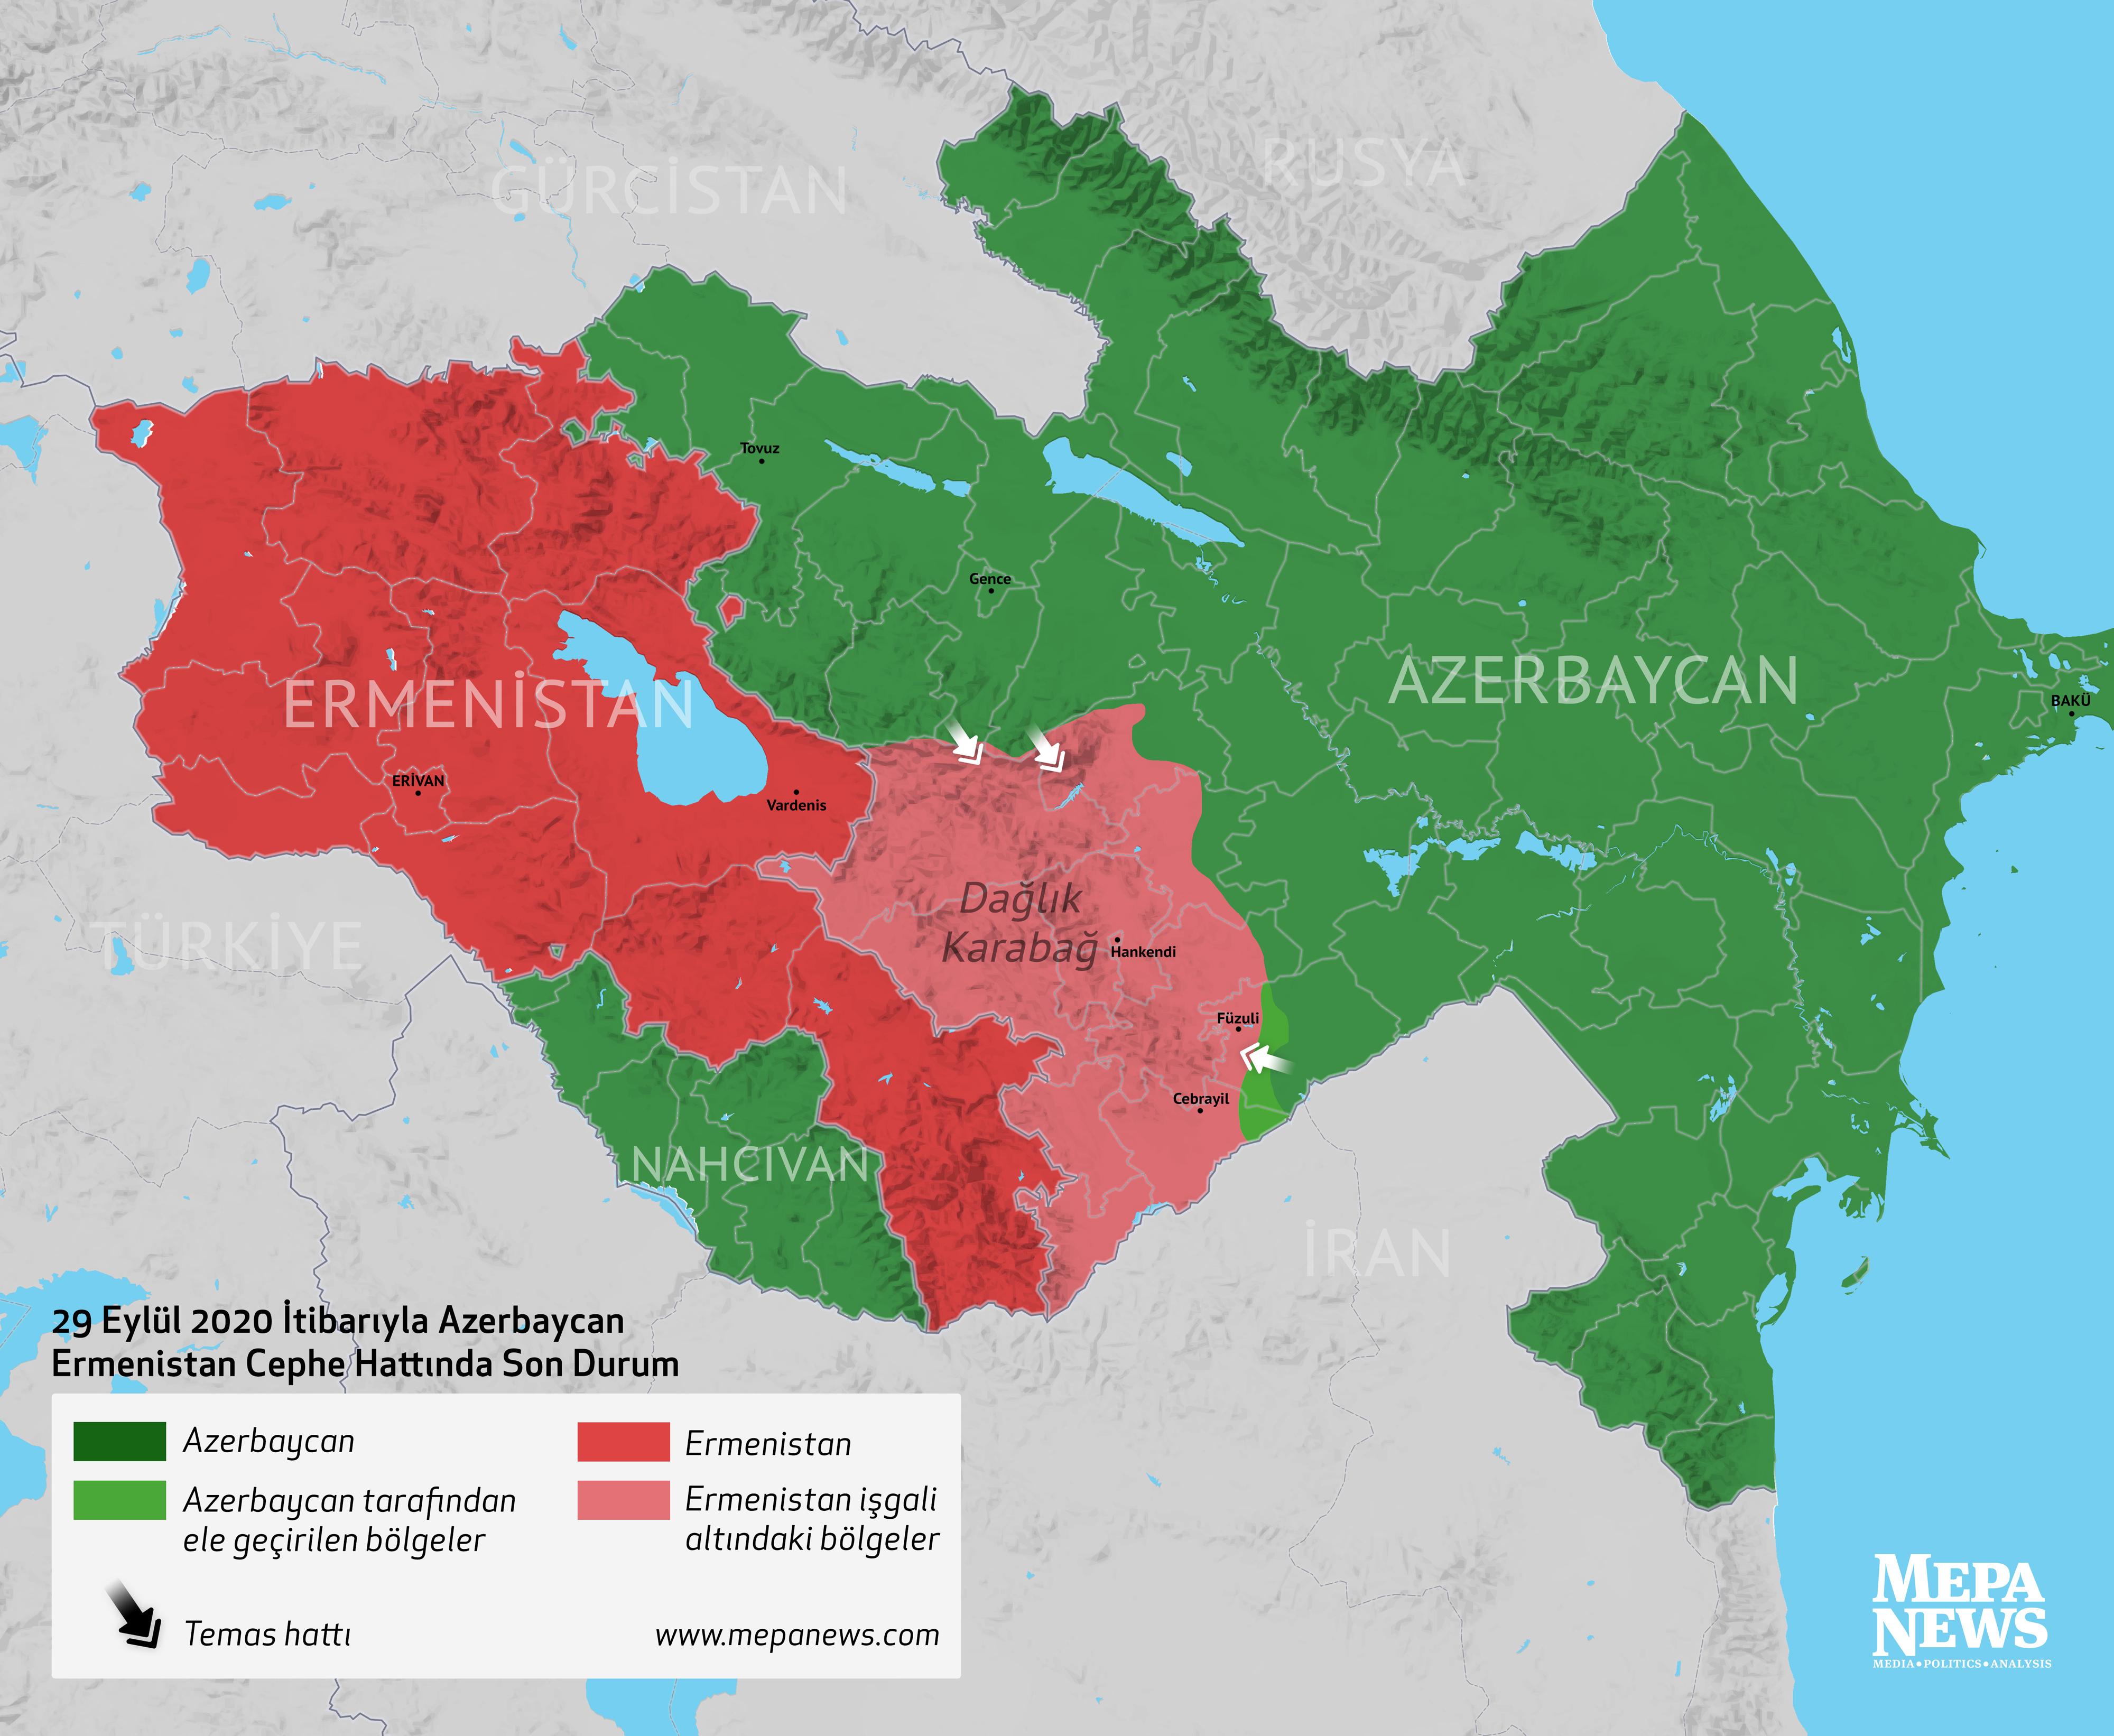 29-eylul-azerbaycan-ermenistan.jpg